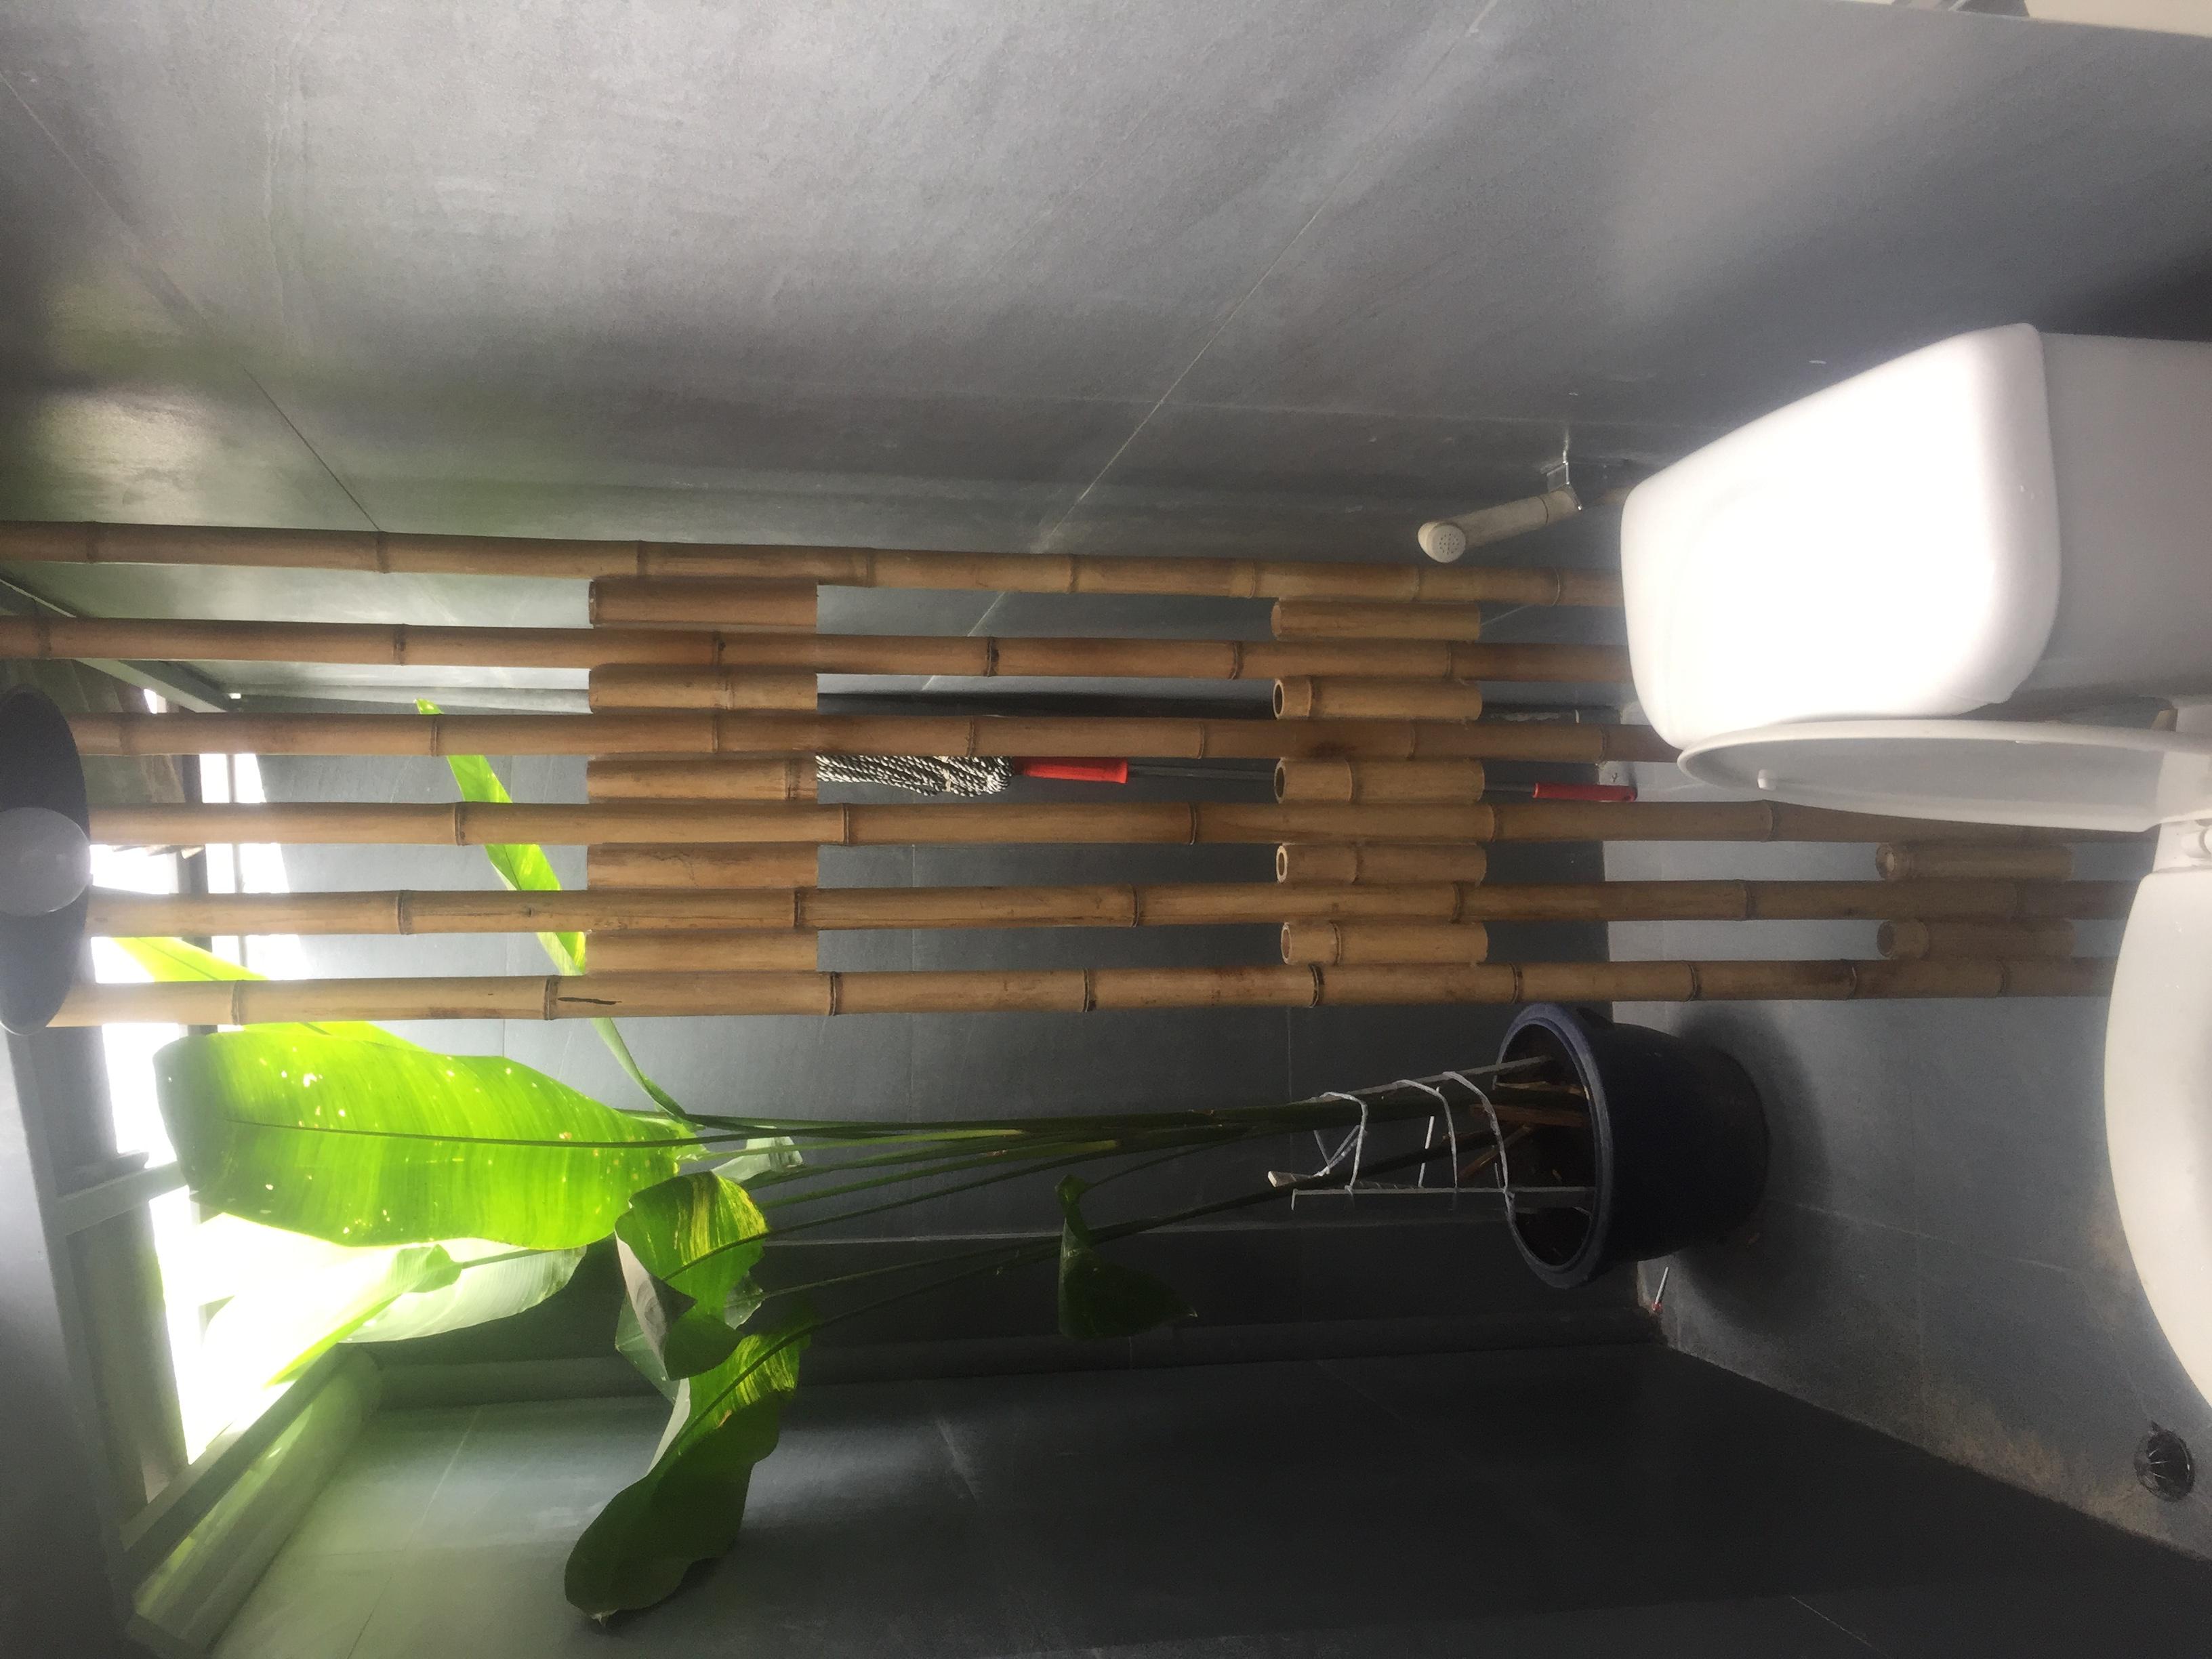 Trang trí tre trúc cho nhà vệ sinh